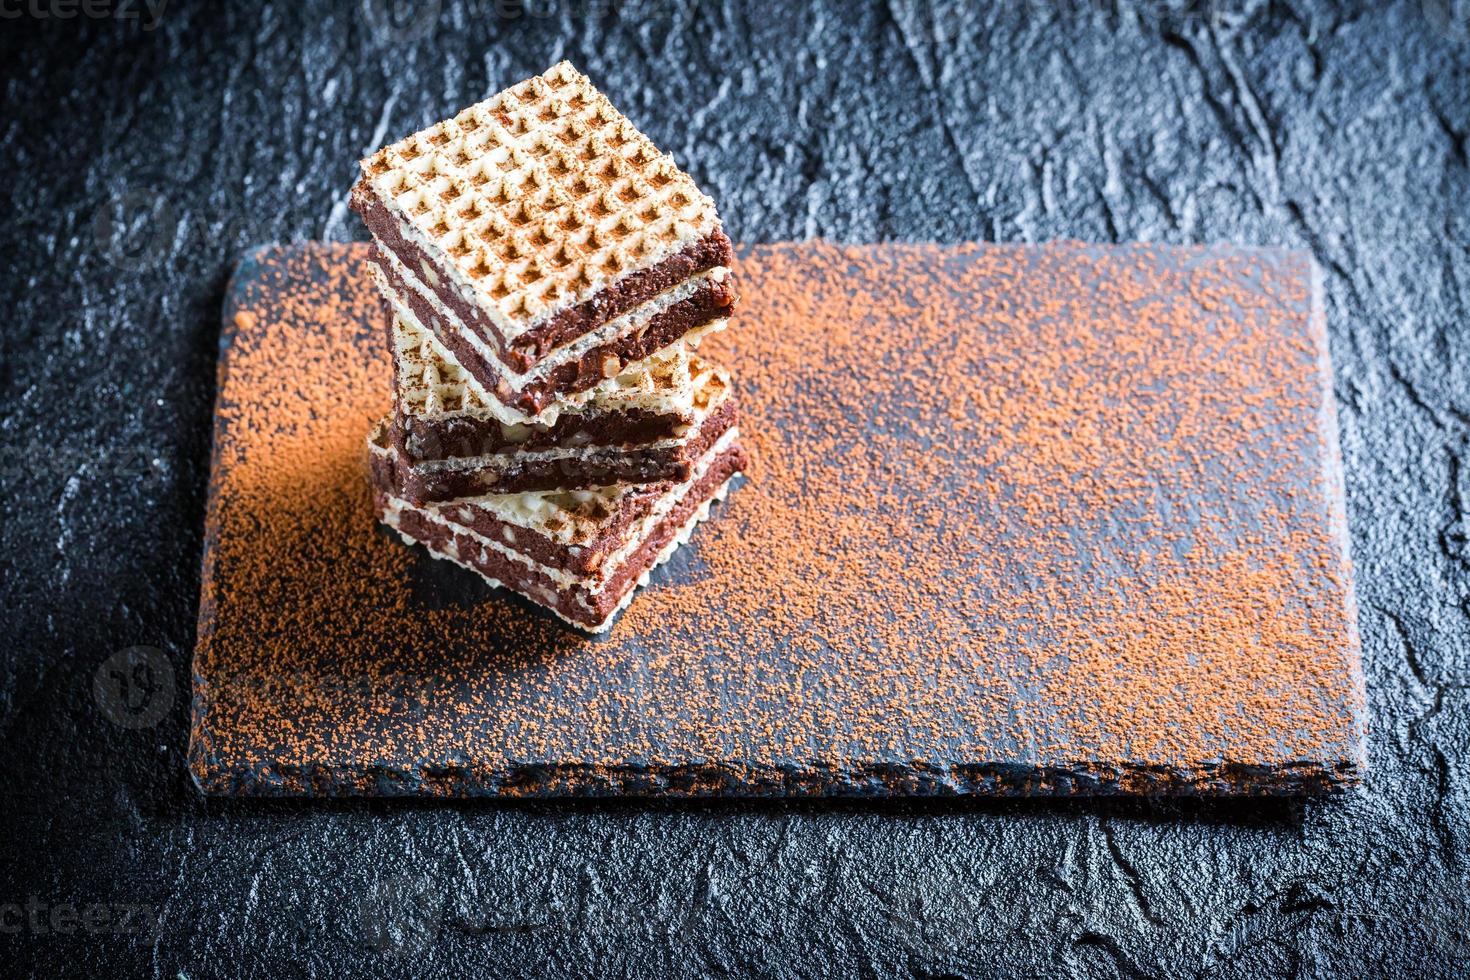 hausgemachte Waffeln mit Schokolade und Haselnuss auf Steinplatte foto